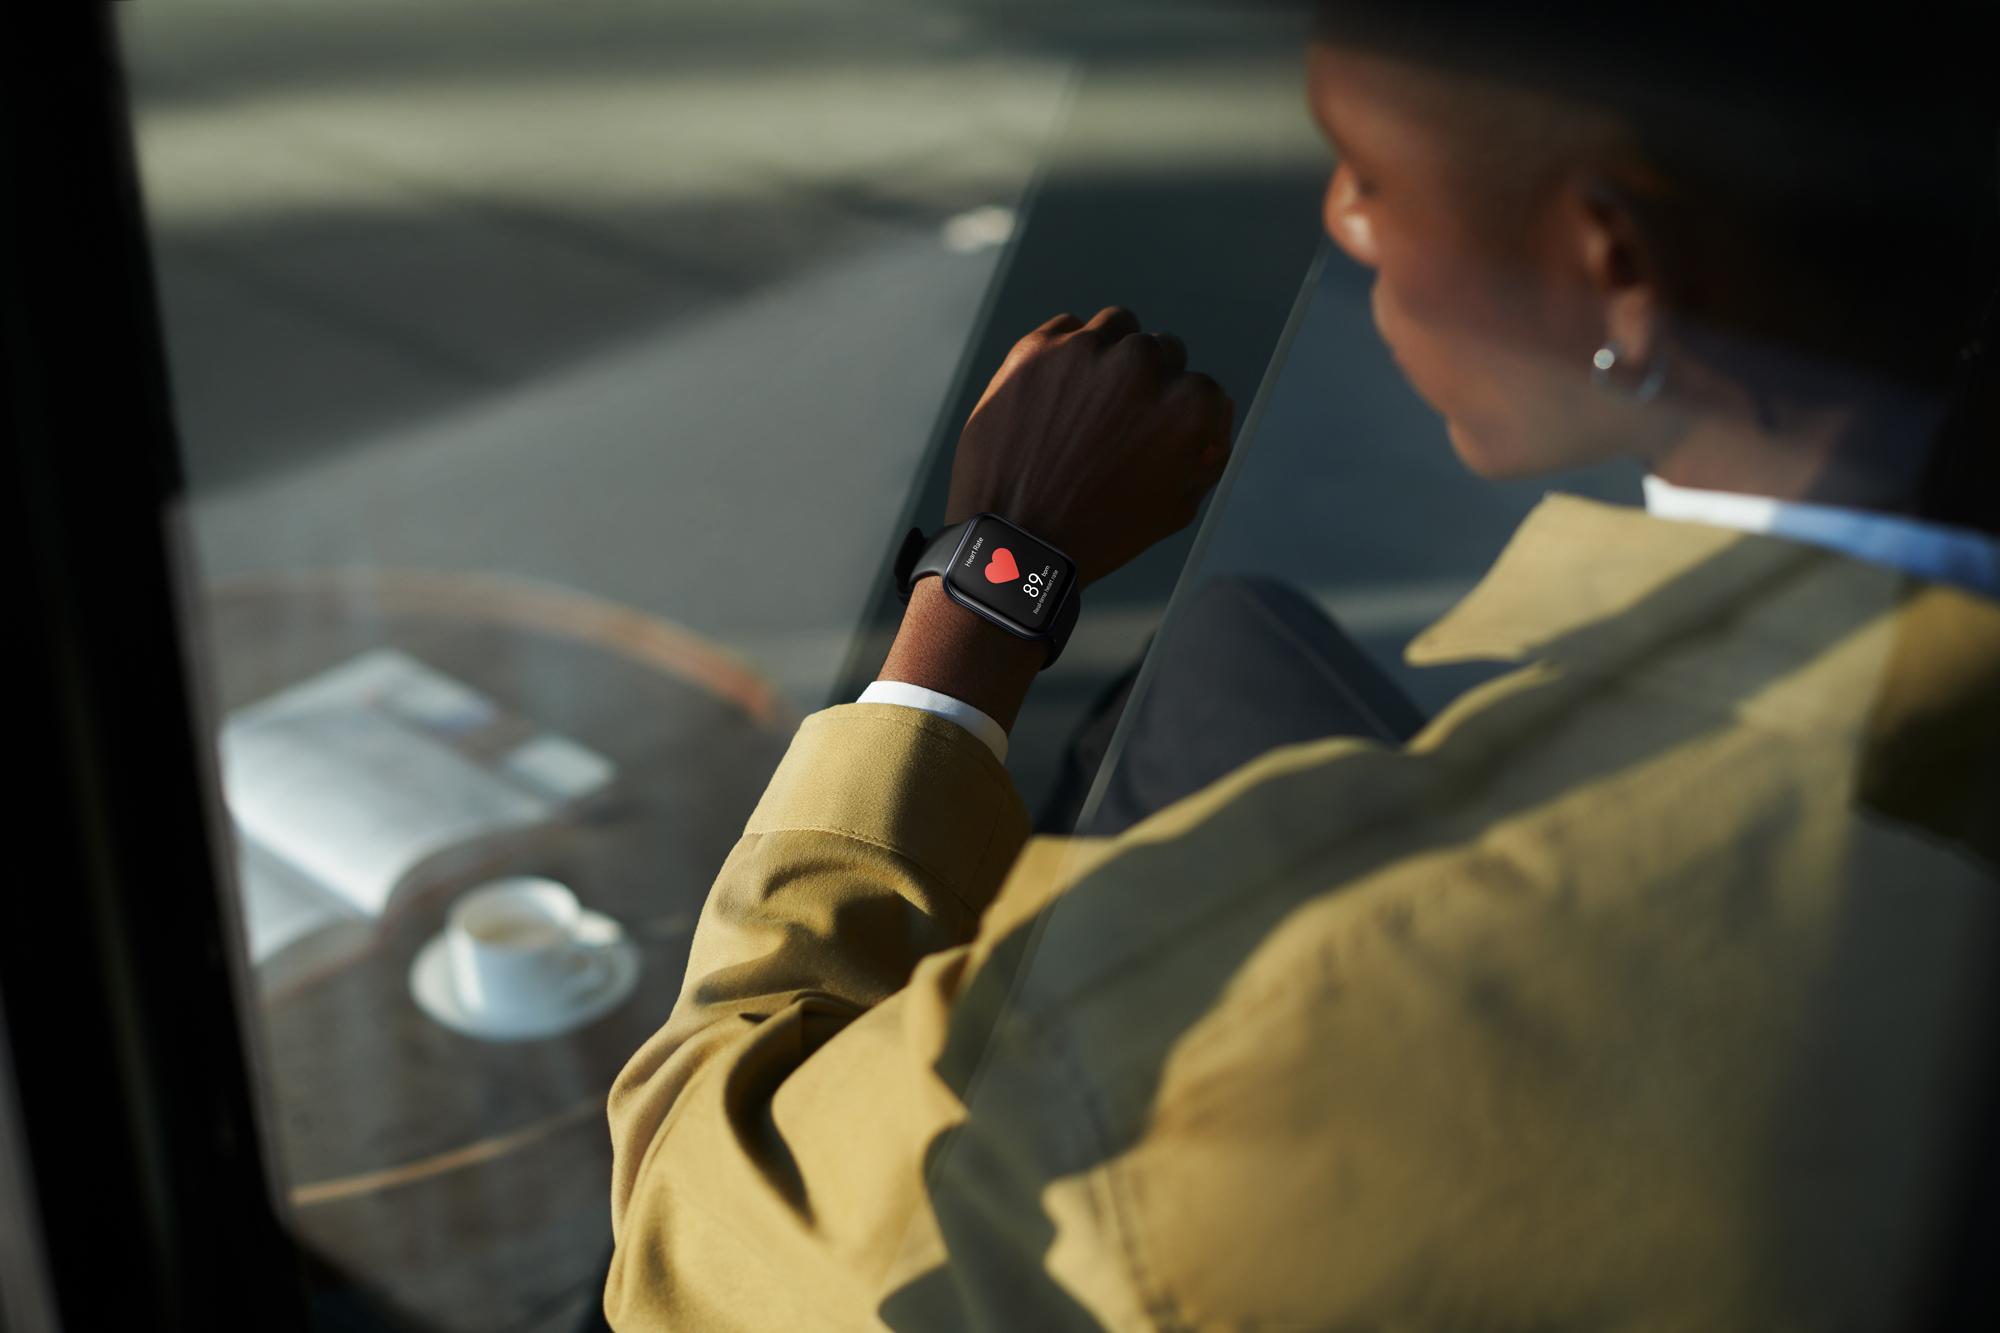 OPPO Watch系列配備運動健康監測,搭配HeyTap Health APP能夠更全方位了解使用者日常的運動與健康狀態。